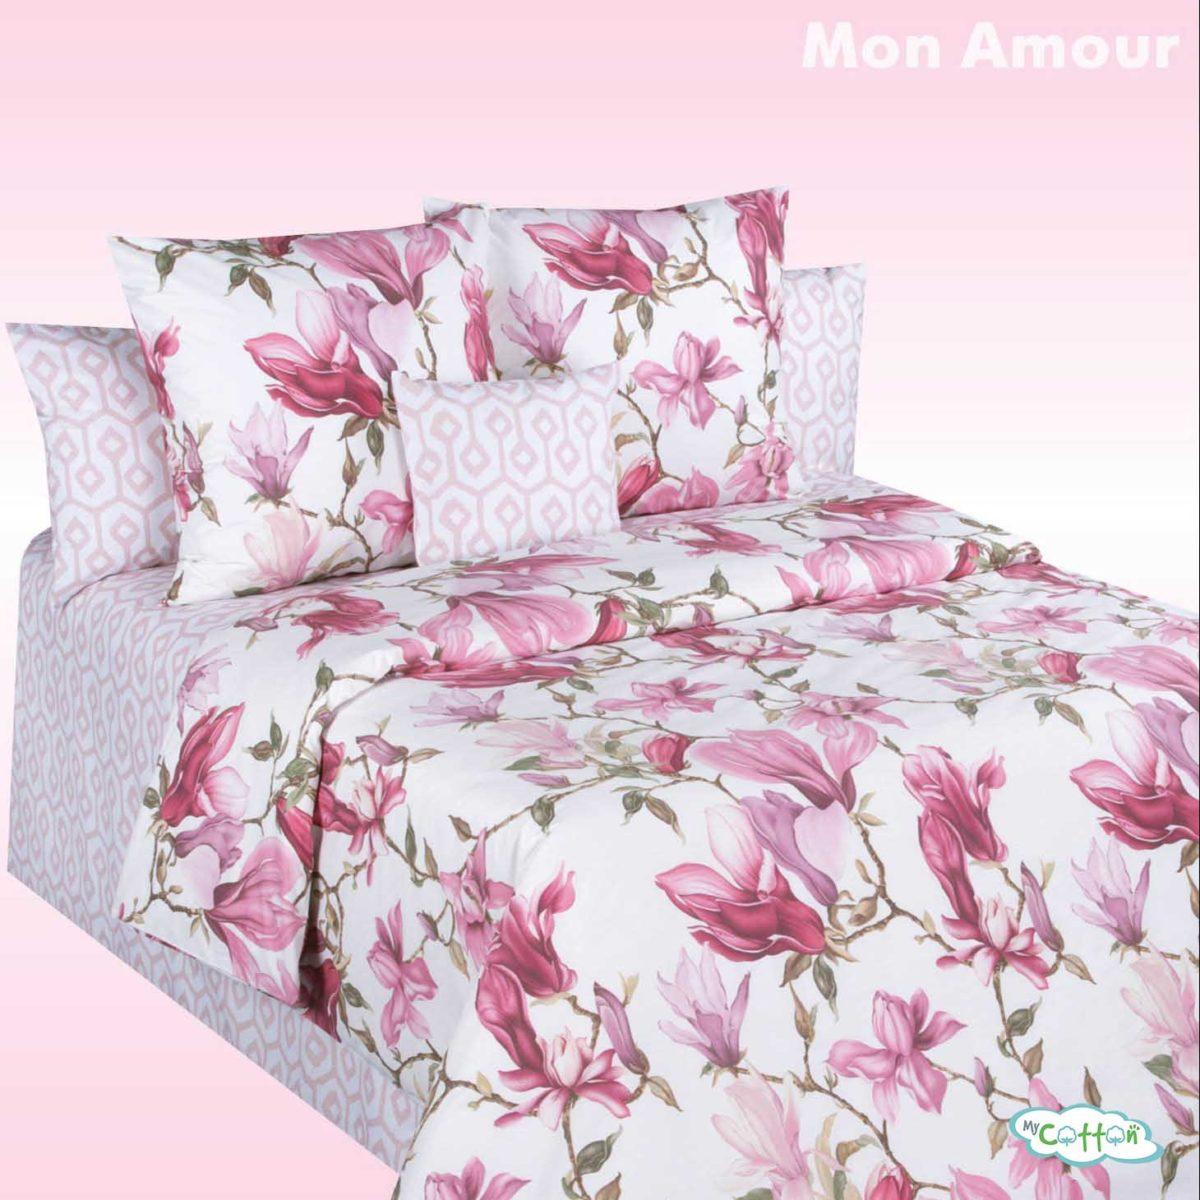 Постельное белье Mon Amour (Мон Амур)